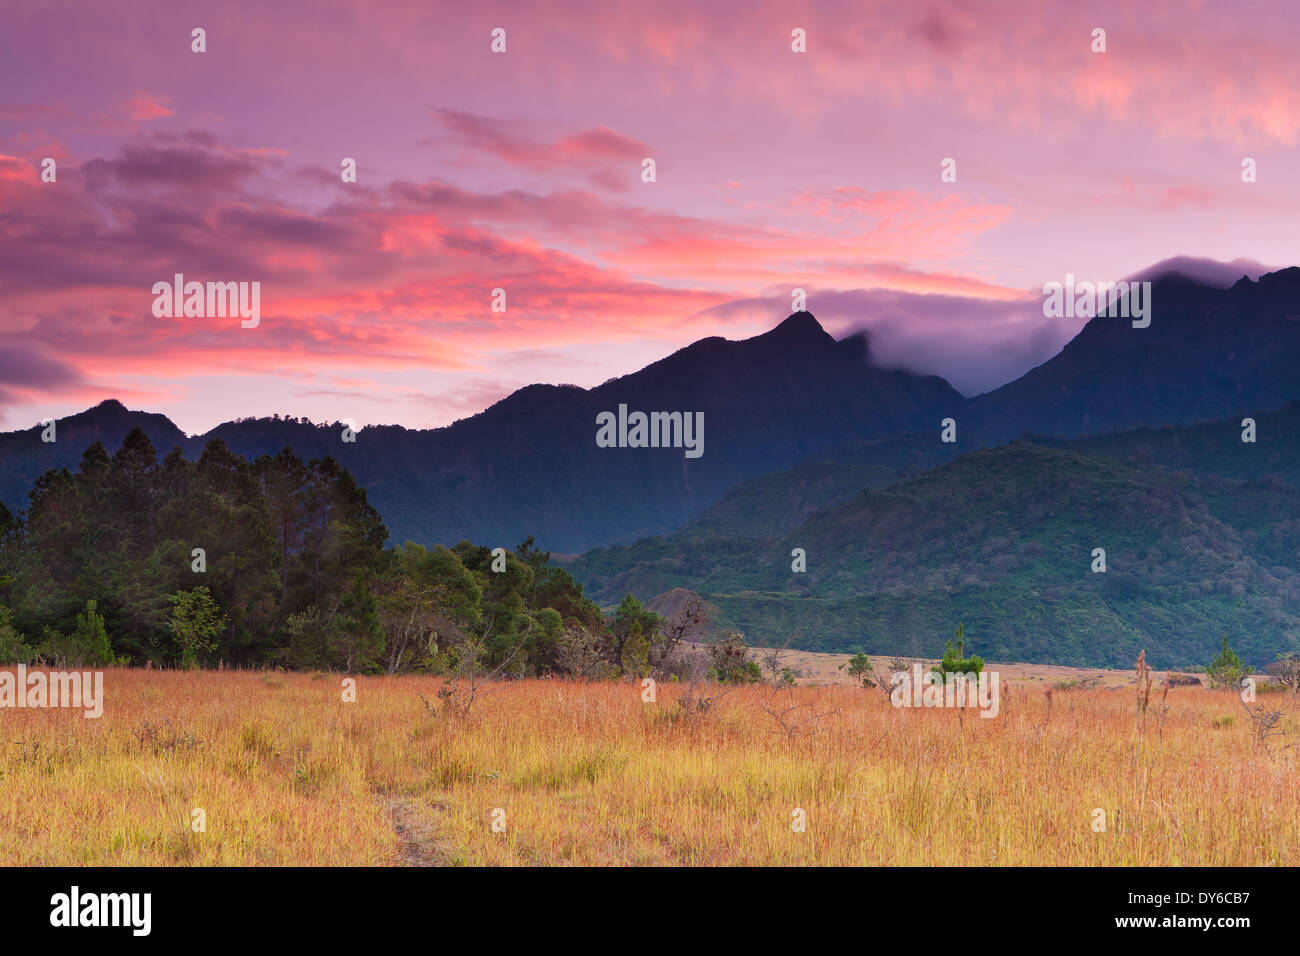 Colorido del cielo al amanecer sobre el Volcán Baru (extrema derecha), 3475 m, en la provincia de Chiriquí, República de Panamá. Foto de stock